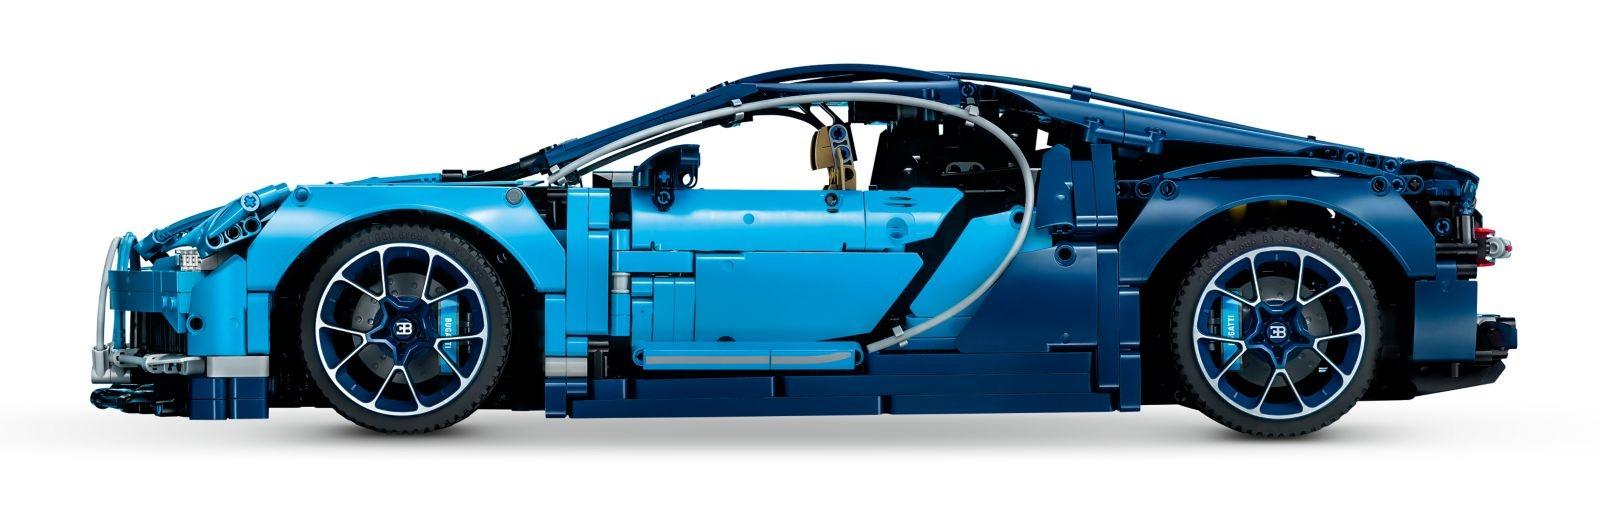 Voor nog geen 400 euro is deze Bugatti Chiron van jou 03